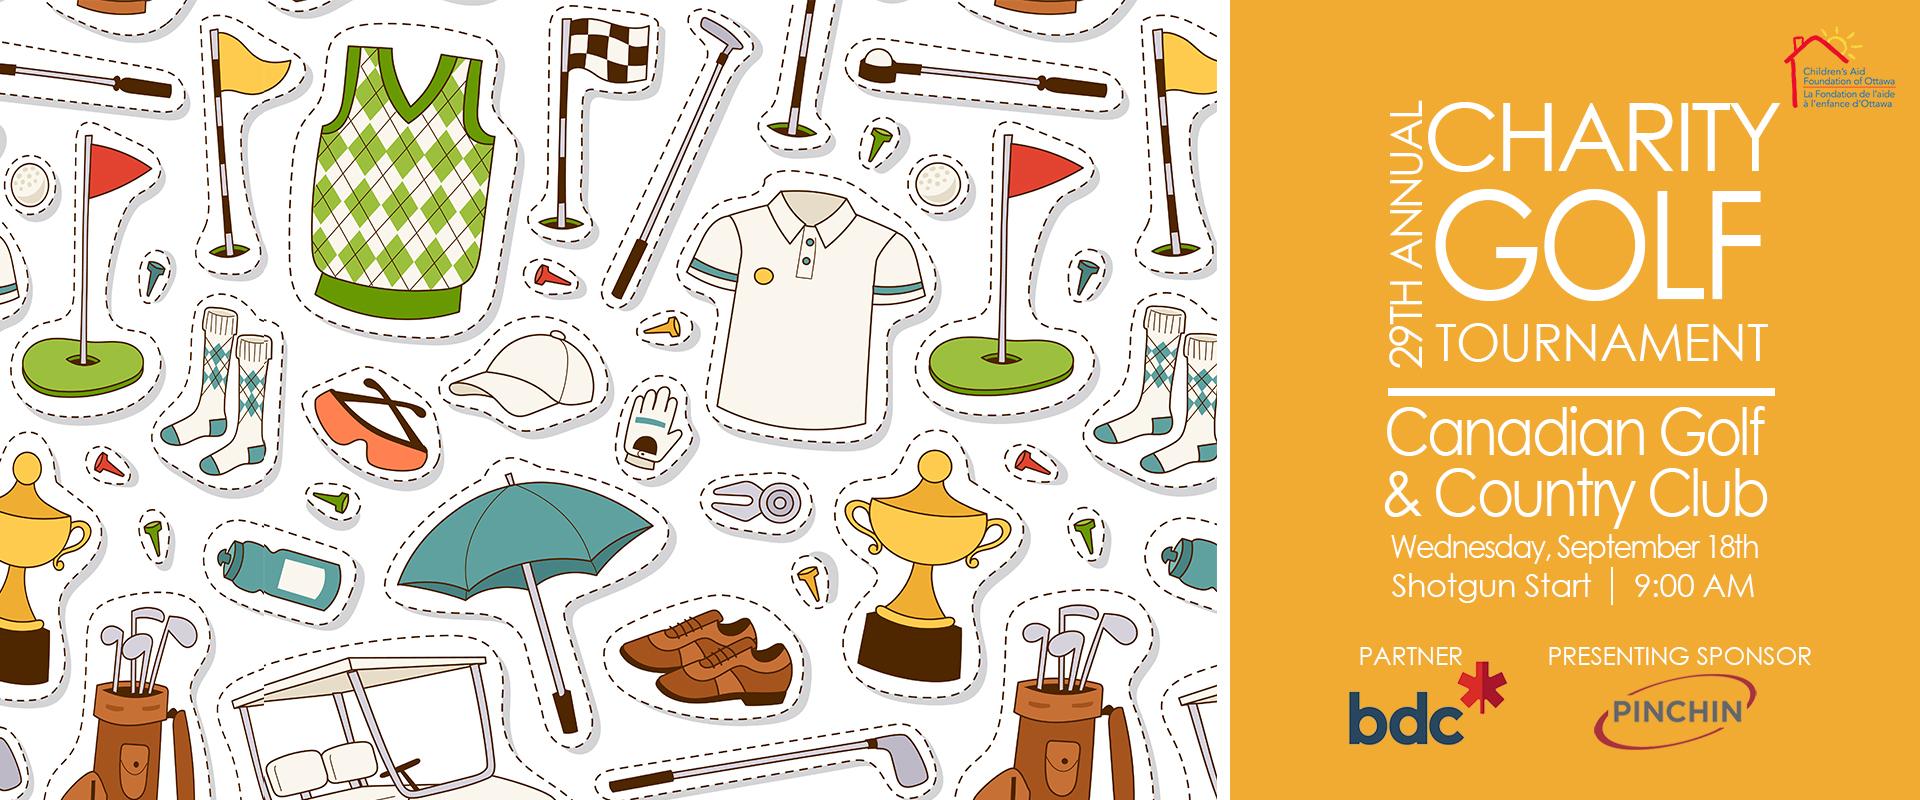 golf tournament website banner